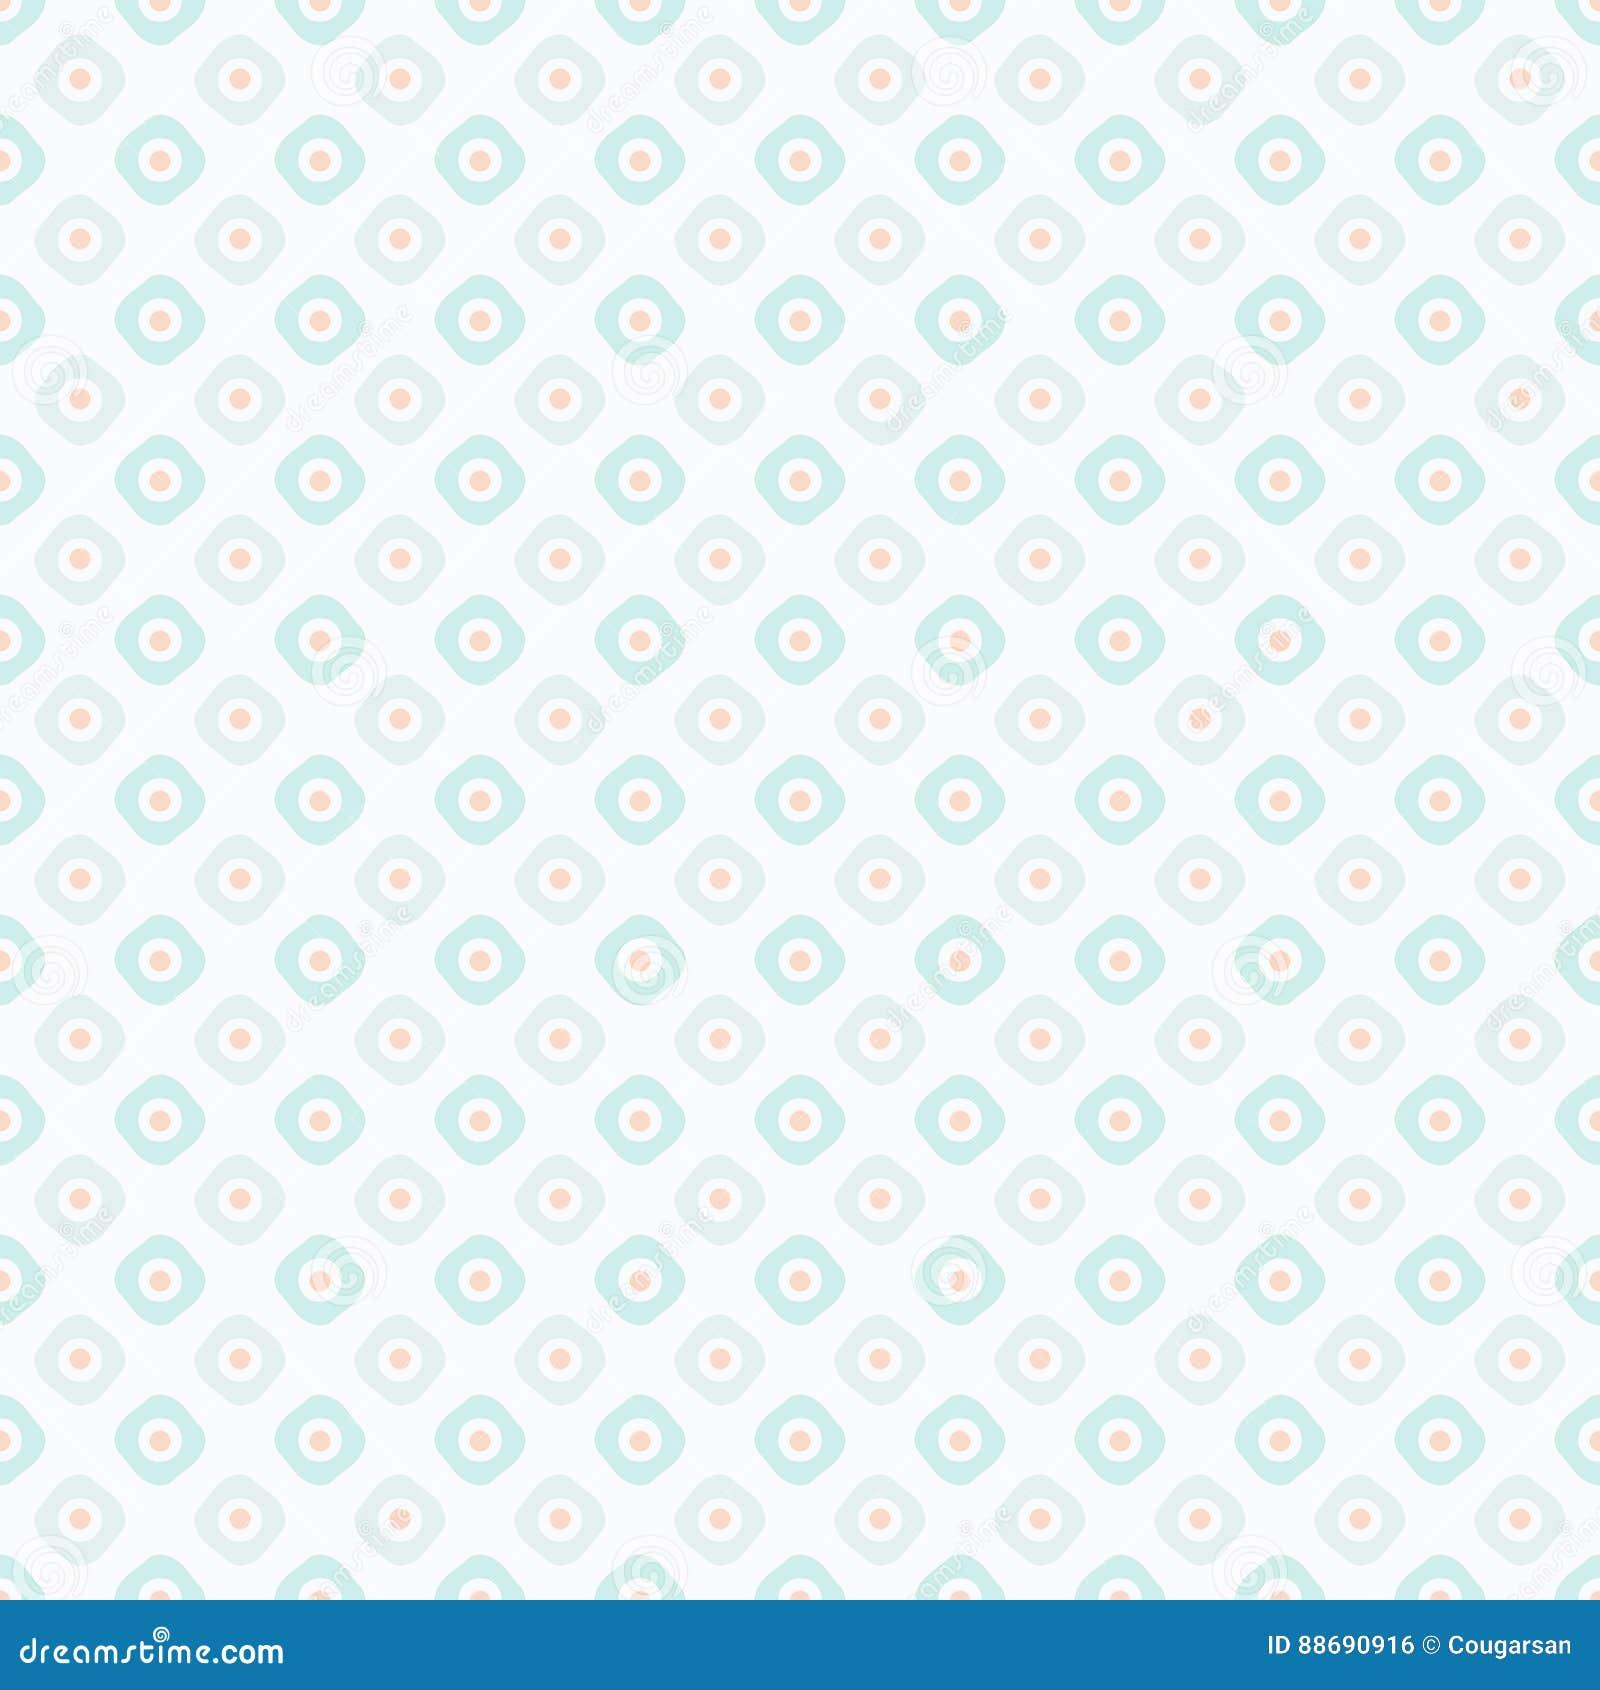 Behang Pastel Groen.Het Naadloze Behang Van Het Pastelkleur Roze En Groene Retro